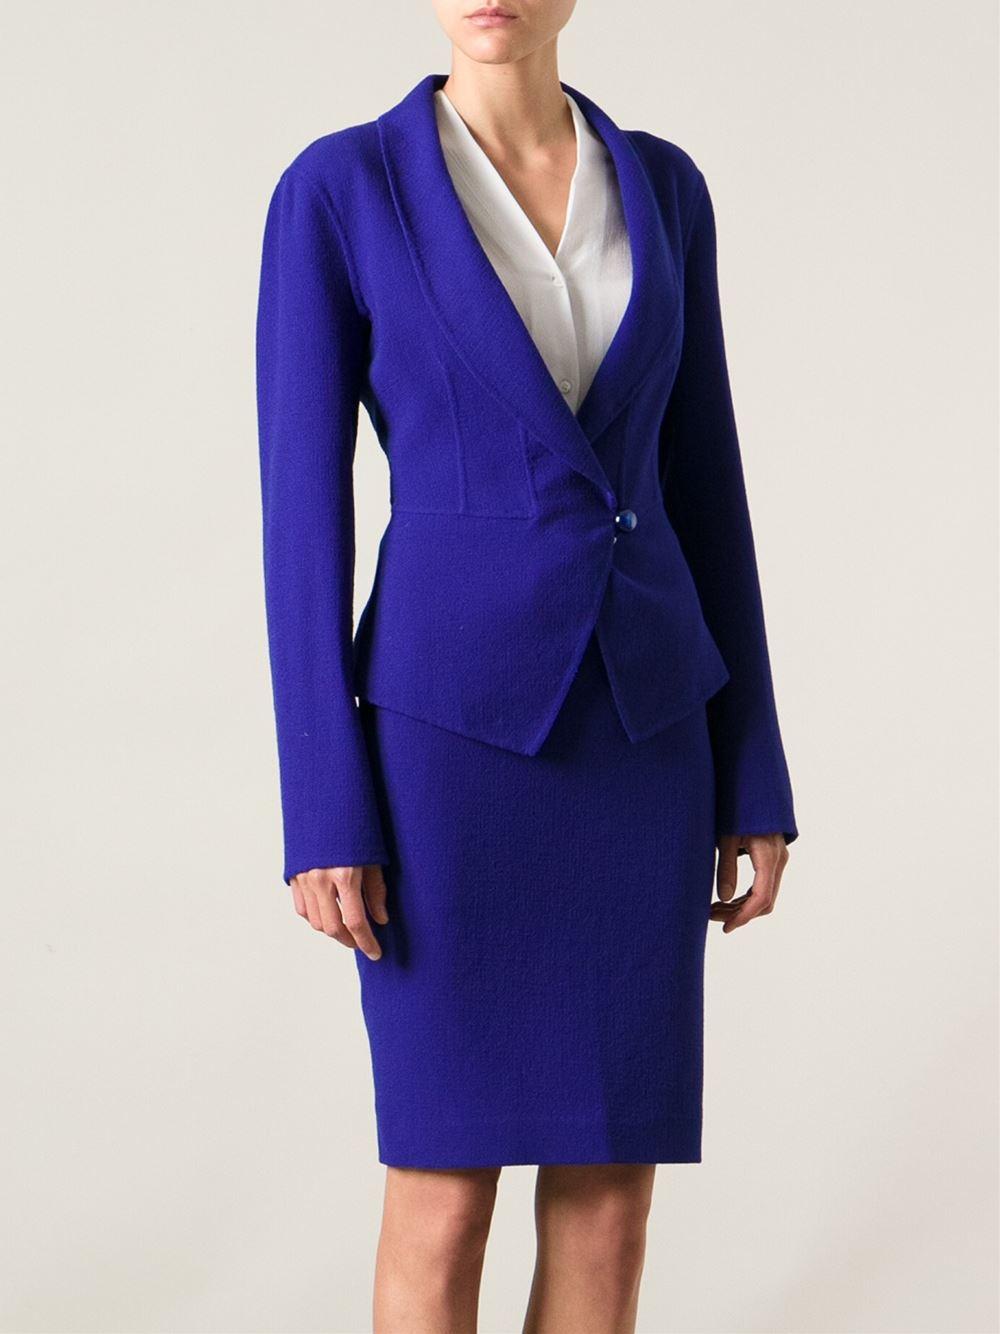 Armani Workwear 16-18